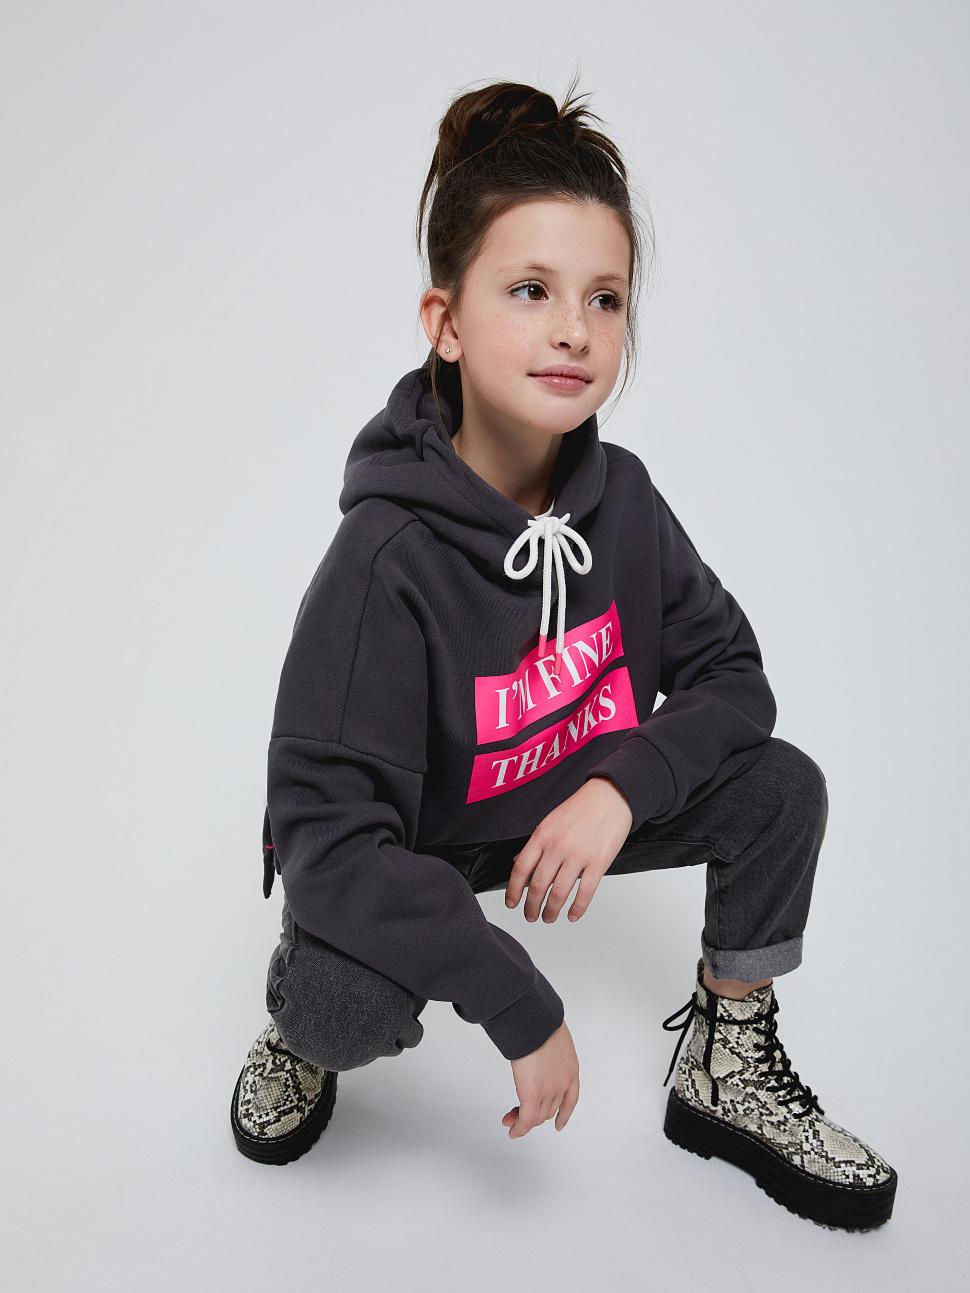 Худи оверсайз для девочек цвет: темно-серый, артикул: 18010504240 - купить в интернет-магазине sela